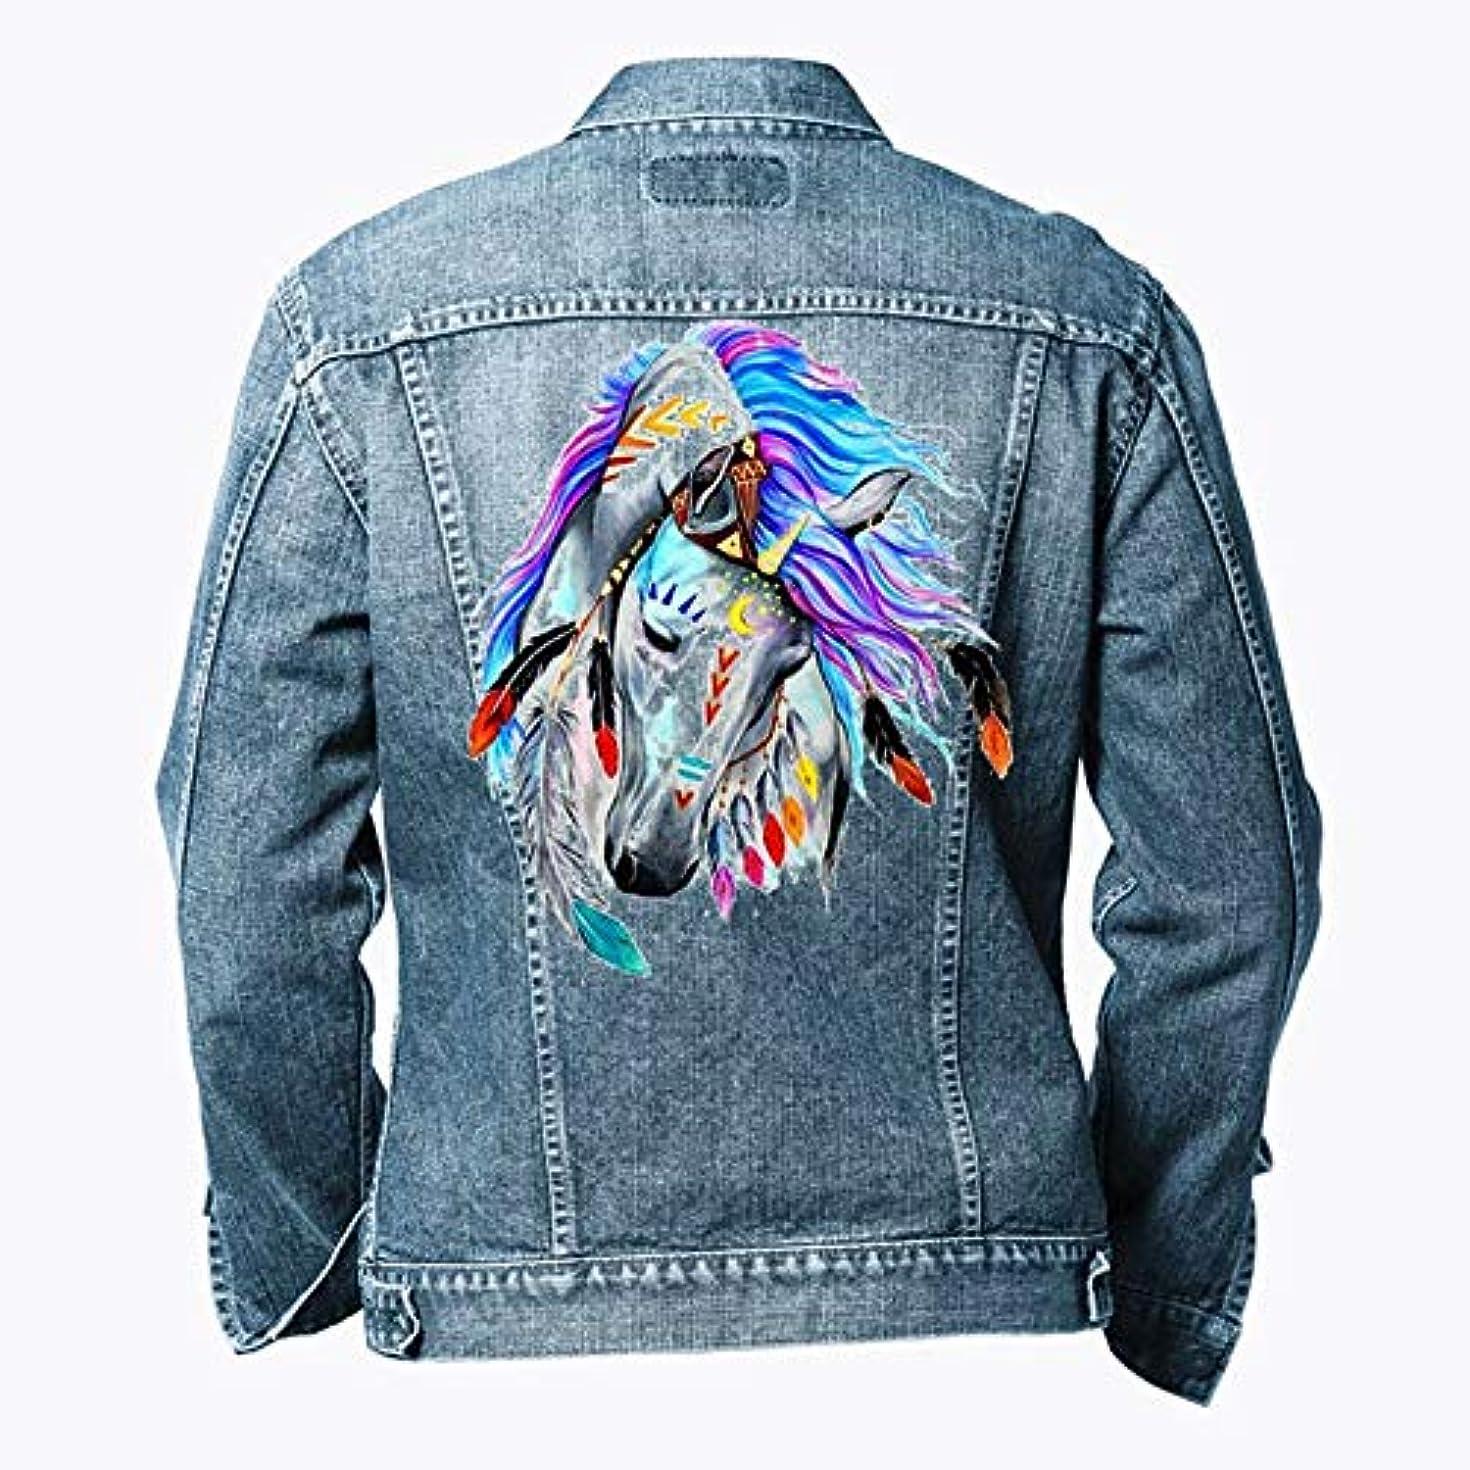 貼り直す機密高い衣料用熱転写サーマルステッカーDIY装飾Tシャツ用アップリケウォッシャブルパッチ